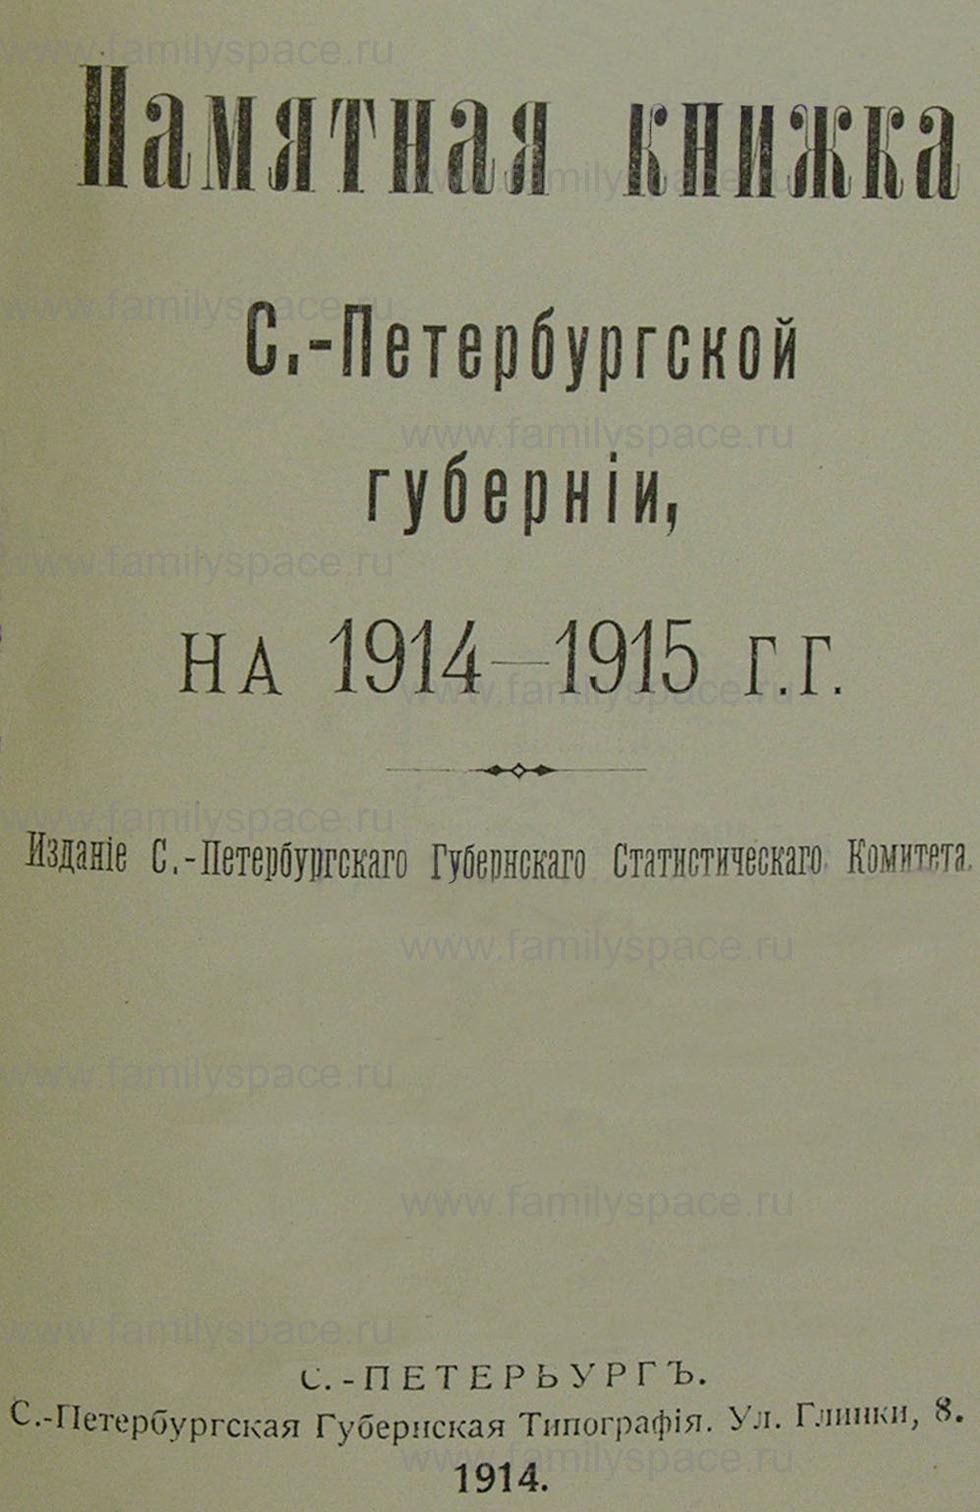 Поиск по фамилии - Памятная книжка Санкт-Петербургской губернии на 1914-1915 гг., страница 1